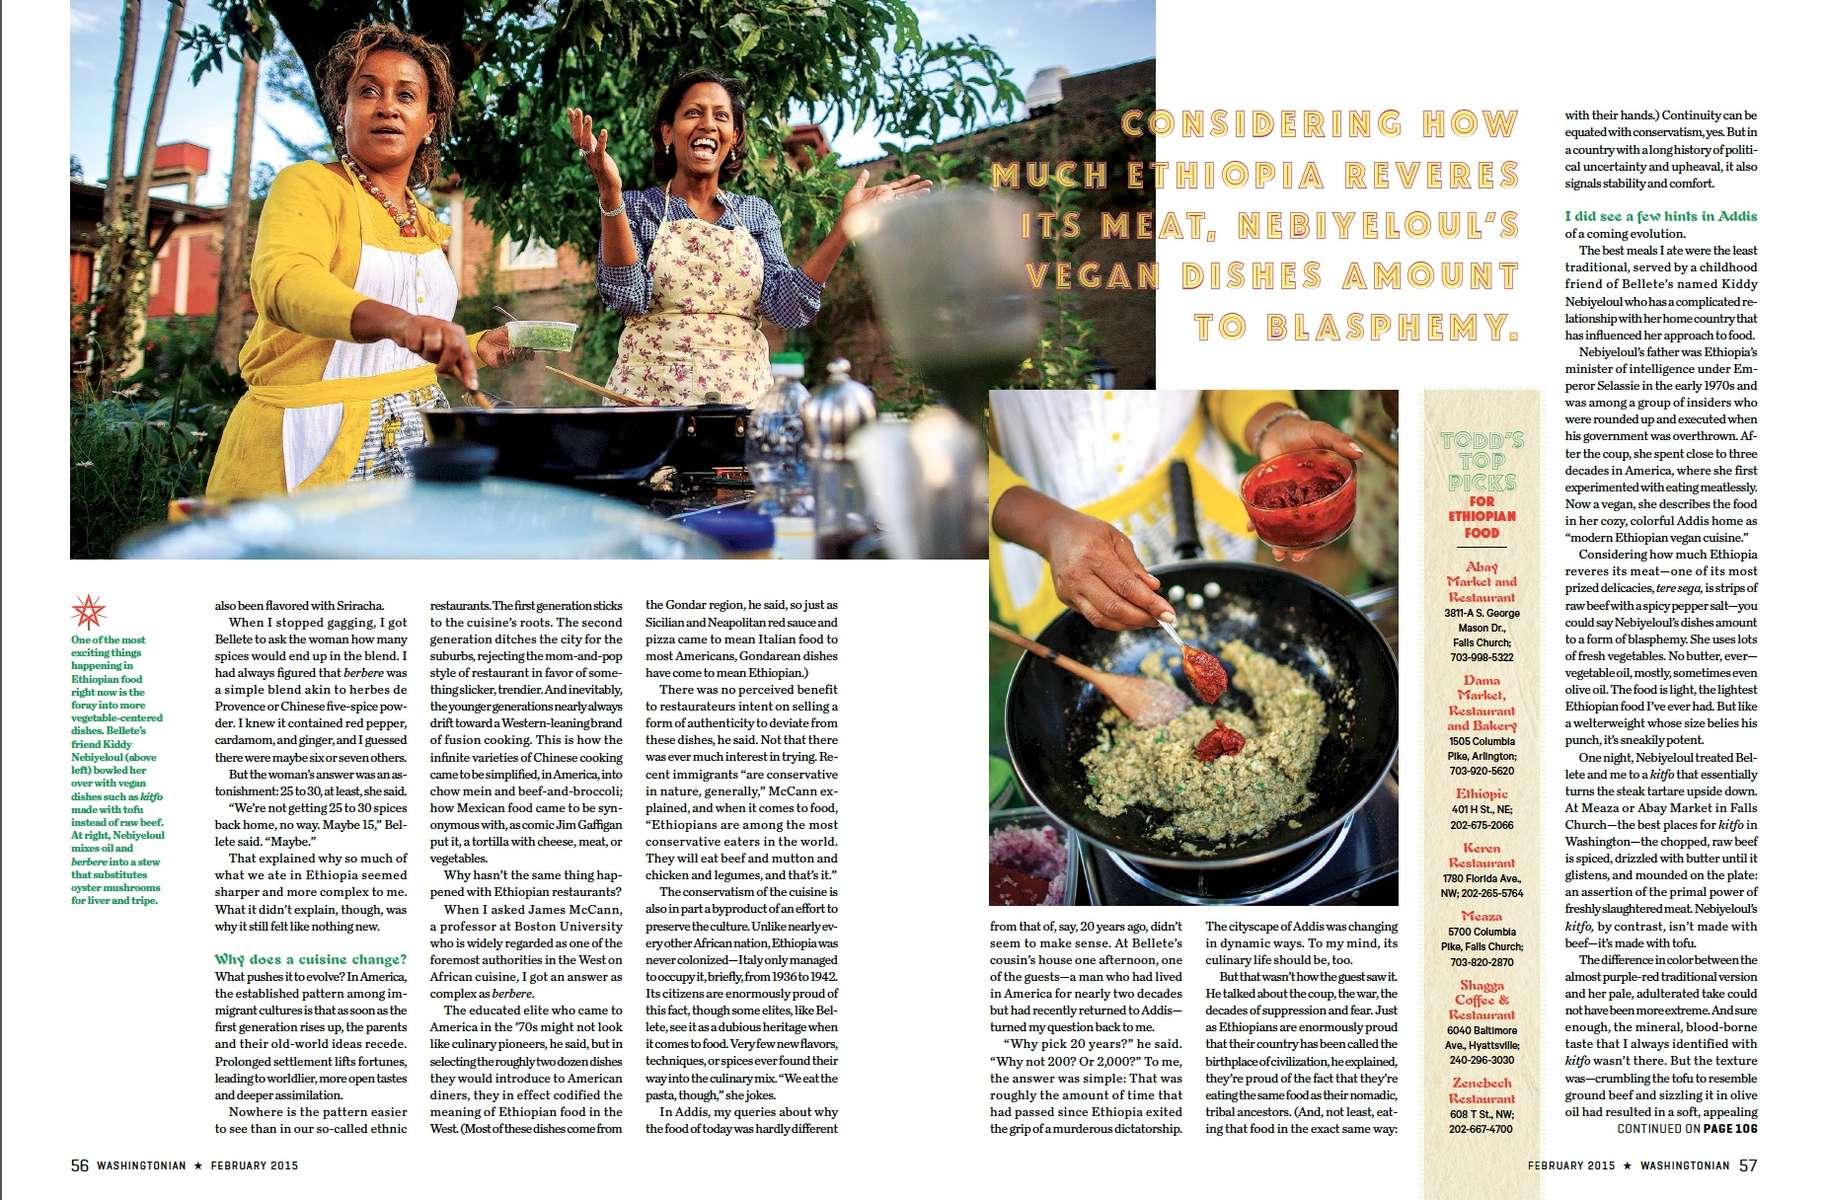 Washigntonian - Ethiopian Cuisine 03